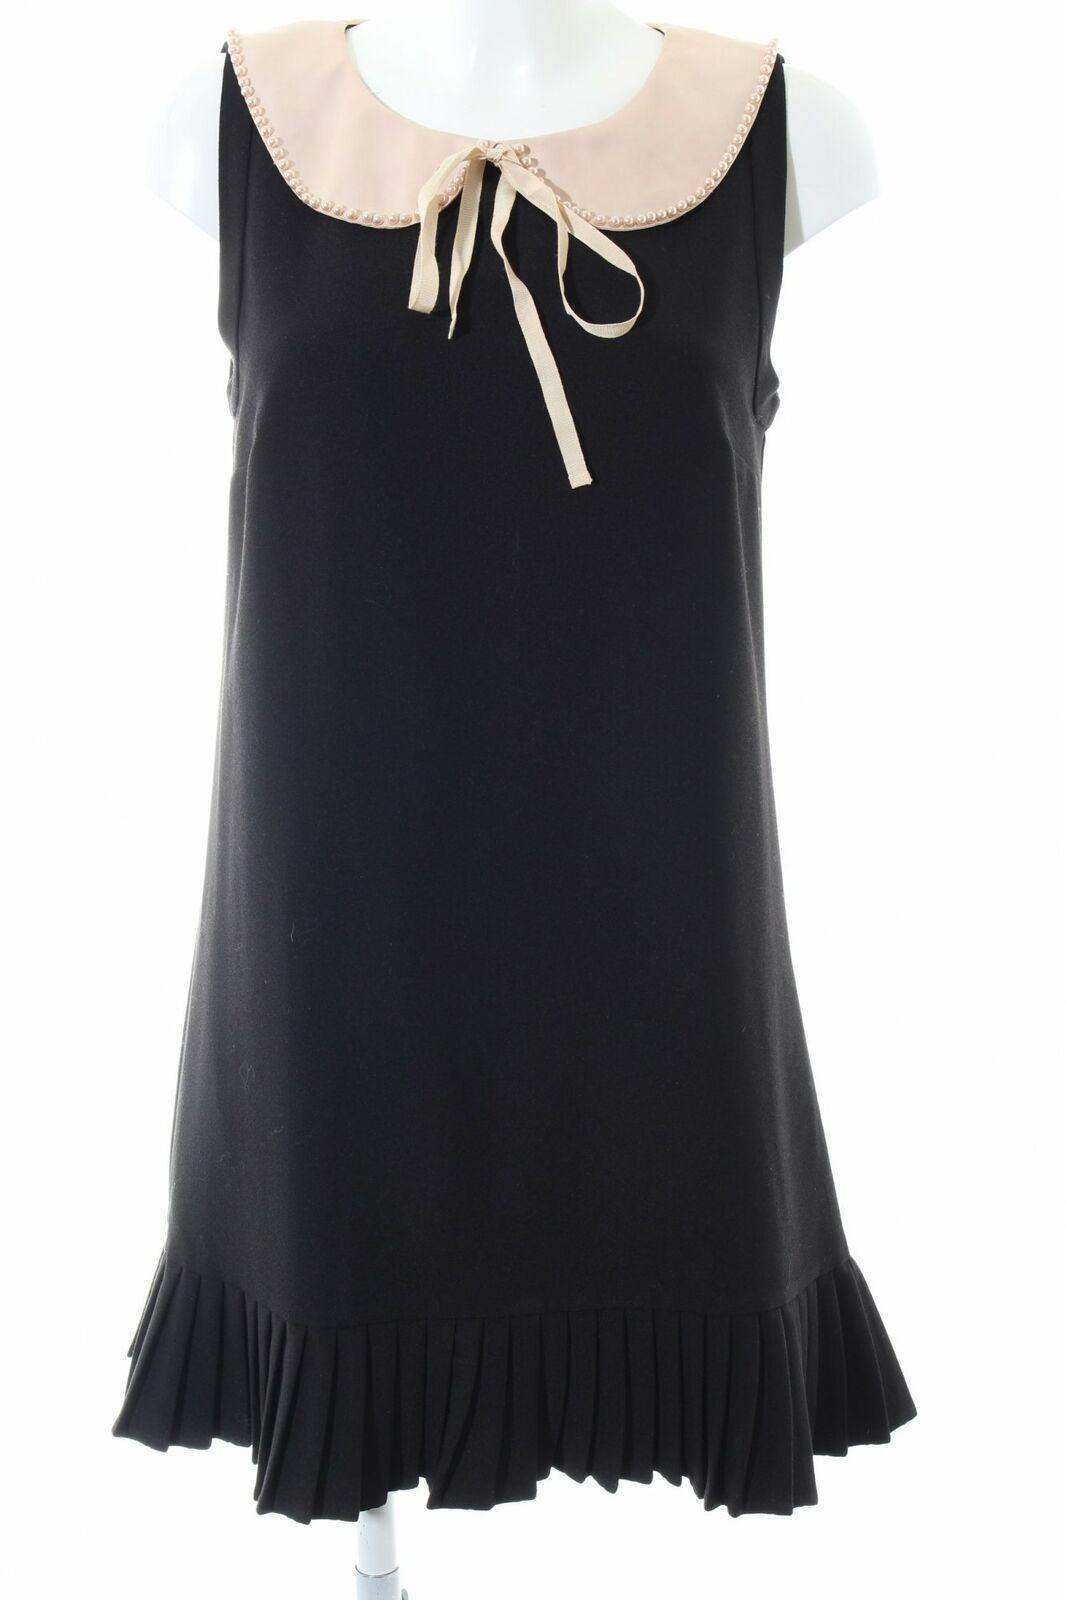 Abend Luxurius Damen Abendkleid für 201920 Schön Damen Abendkleid Stylish